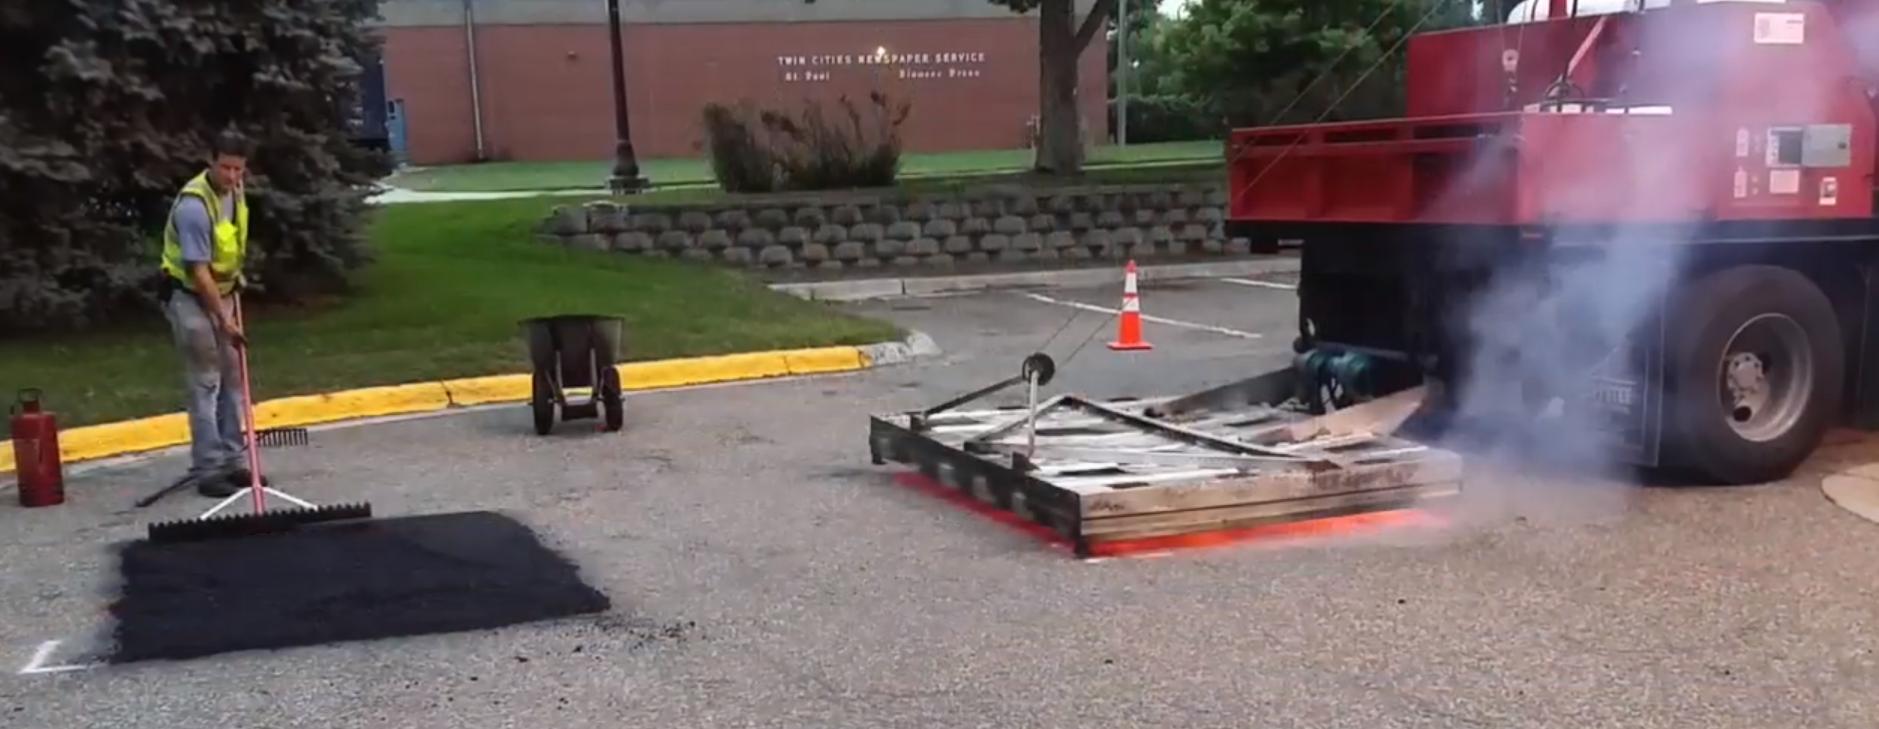 school-infrared-asphalt-repair